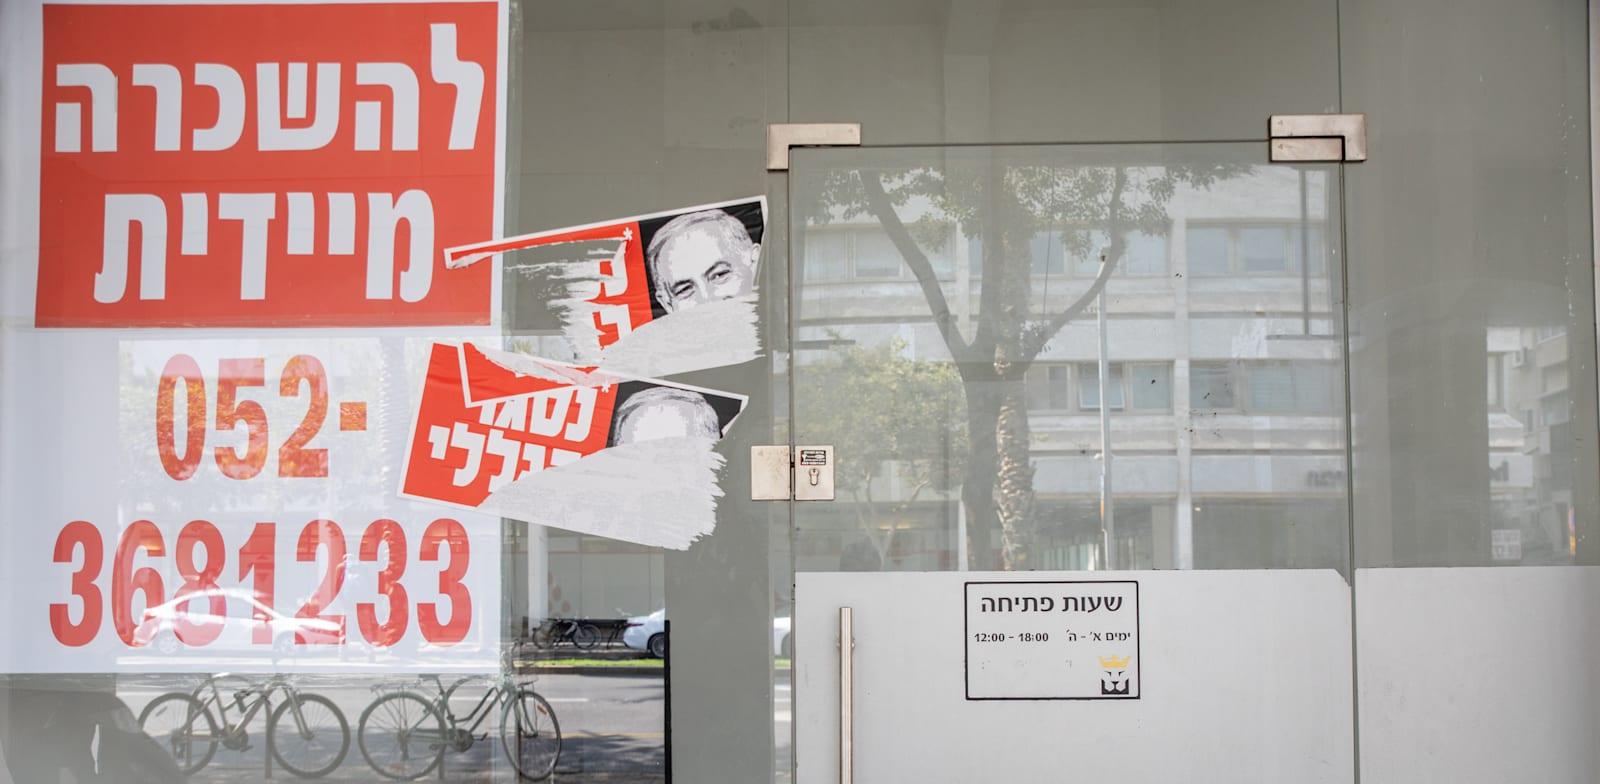 עסקים וחנויות סגורים בסגר / צילום: כדיה לוי